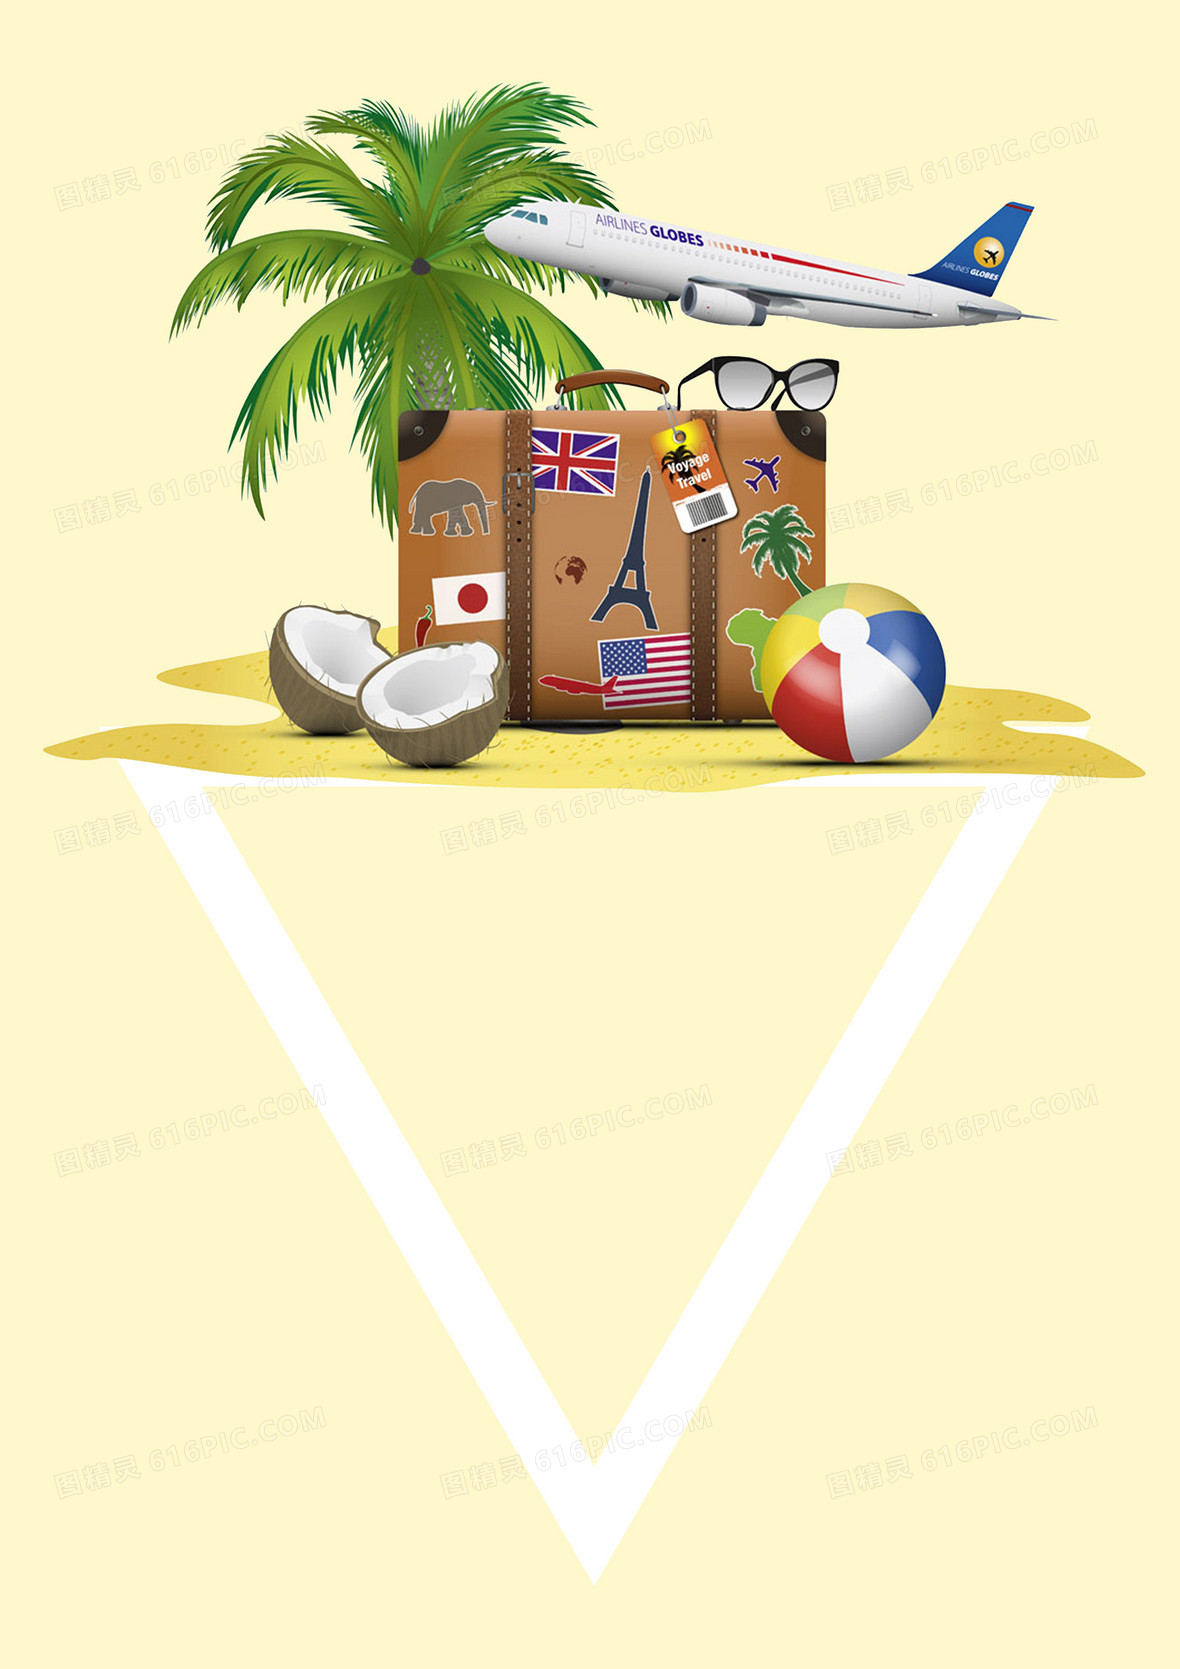 夏日旅行海南椰树旅行箱飞机出行背景素材